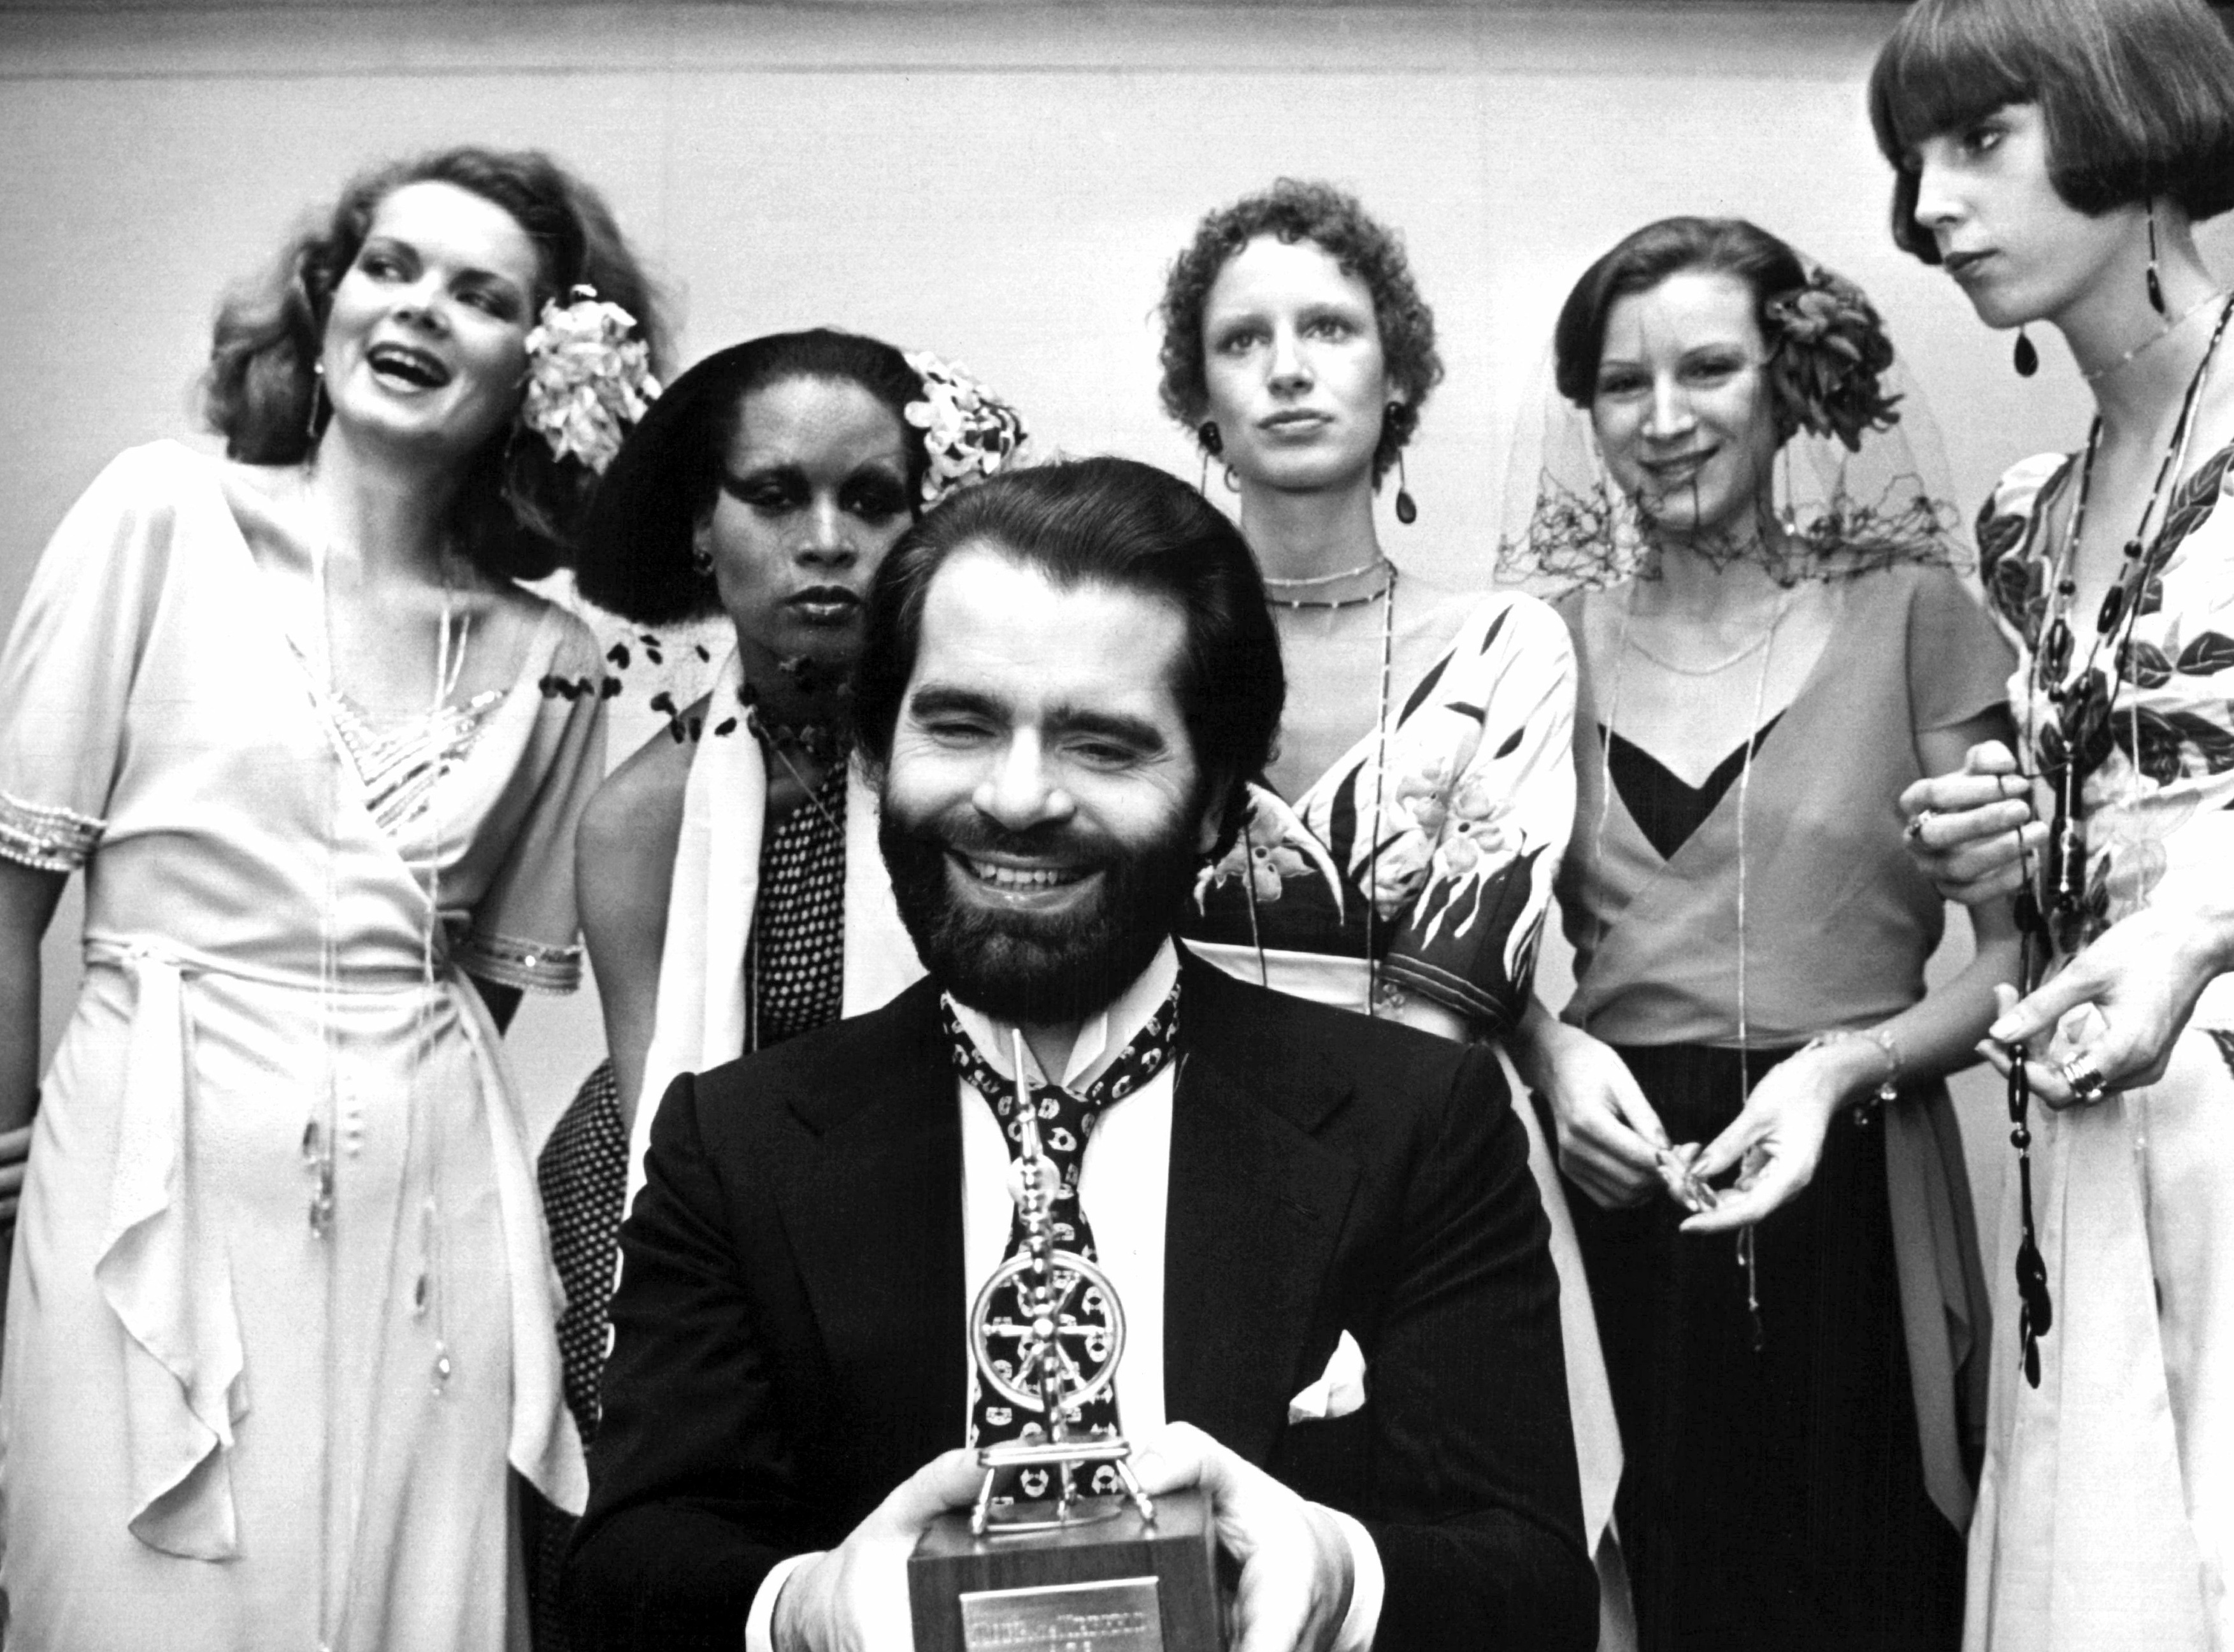 Antes de su llegada a Chanel en 1983, Lagerfeld tuvo una prolífica carrera en la industria de la moda alemana. En la foto posa junto a un grupo de modelos luego de un desfile en la ciudad alemana de Krefeld. (AP)